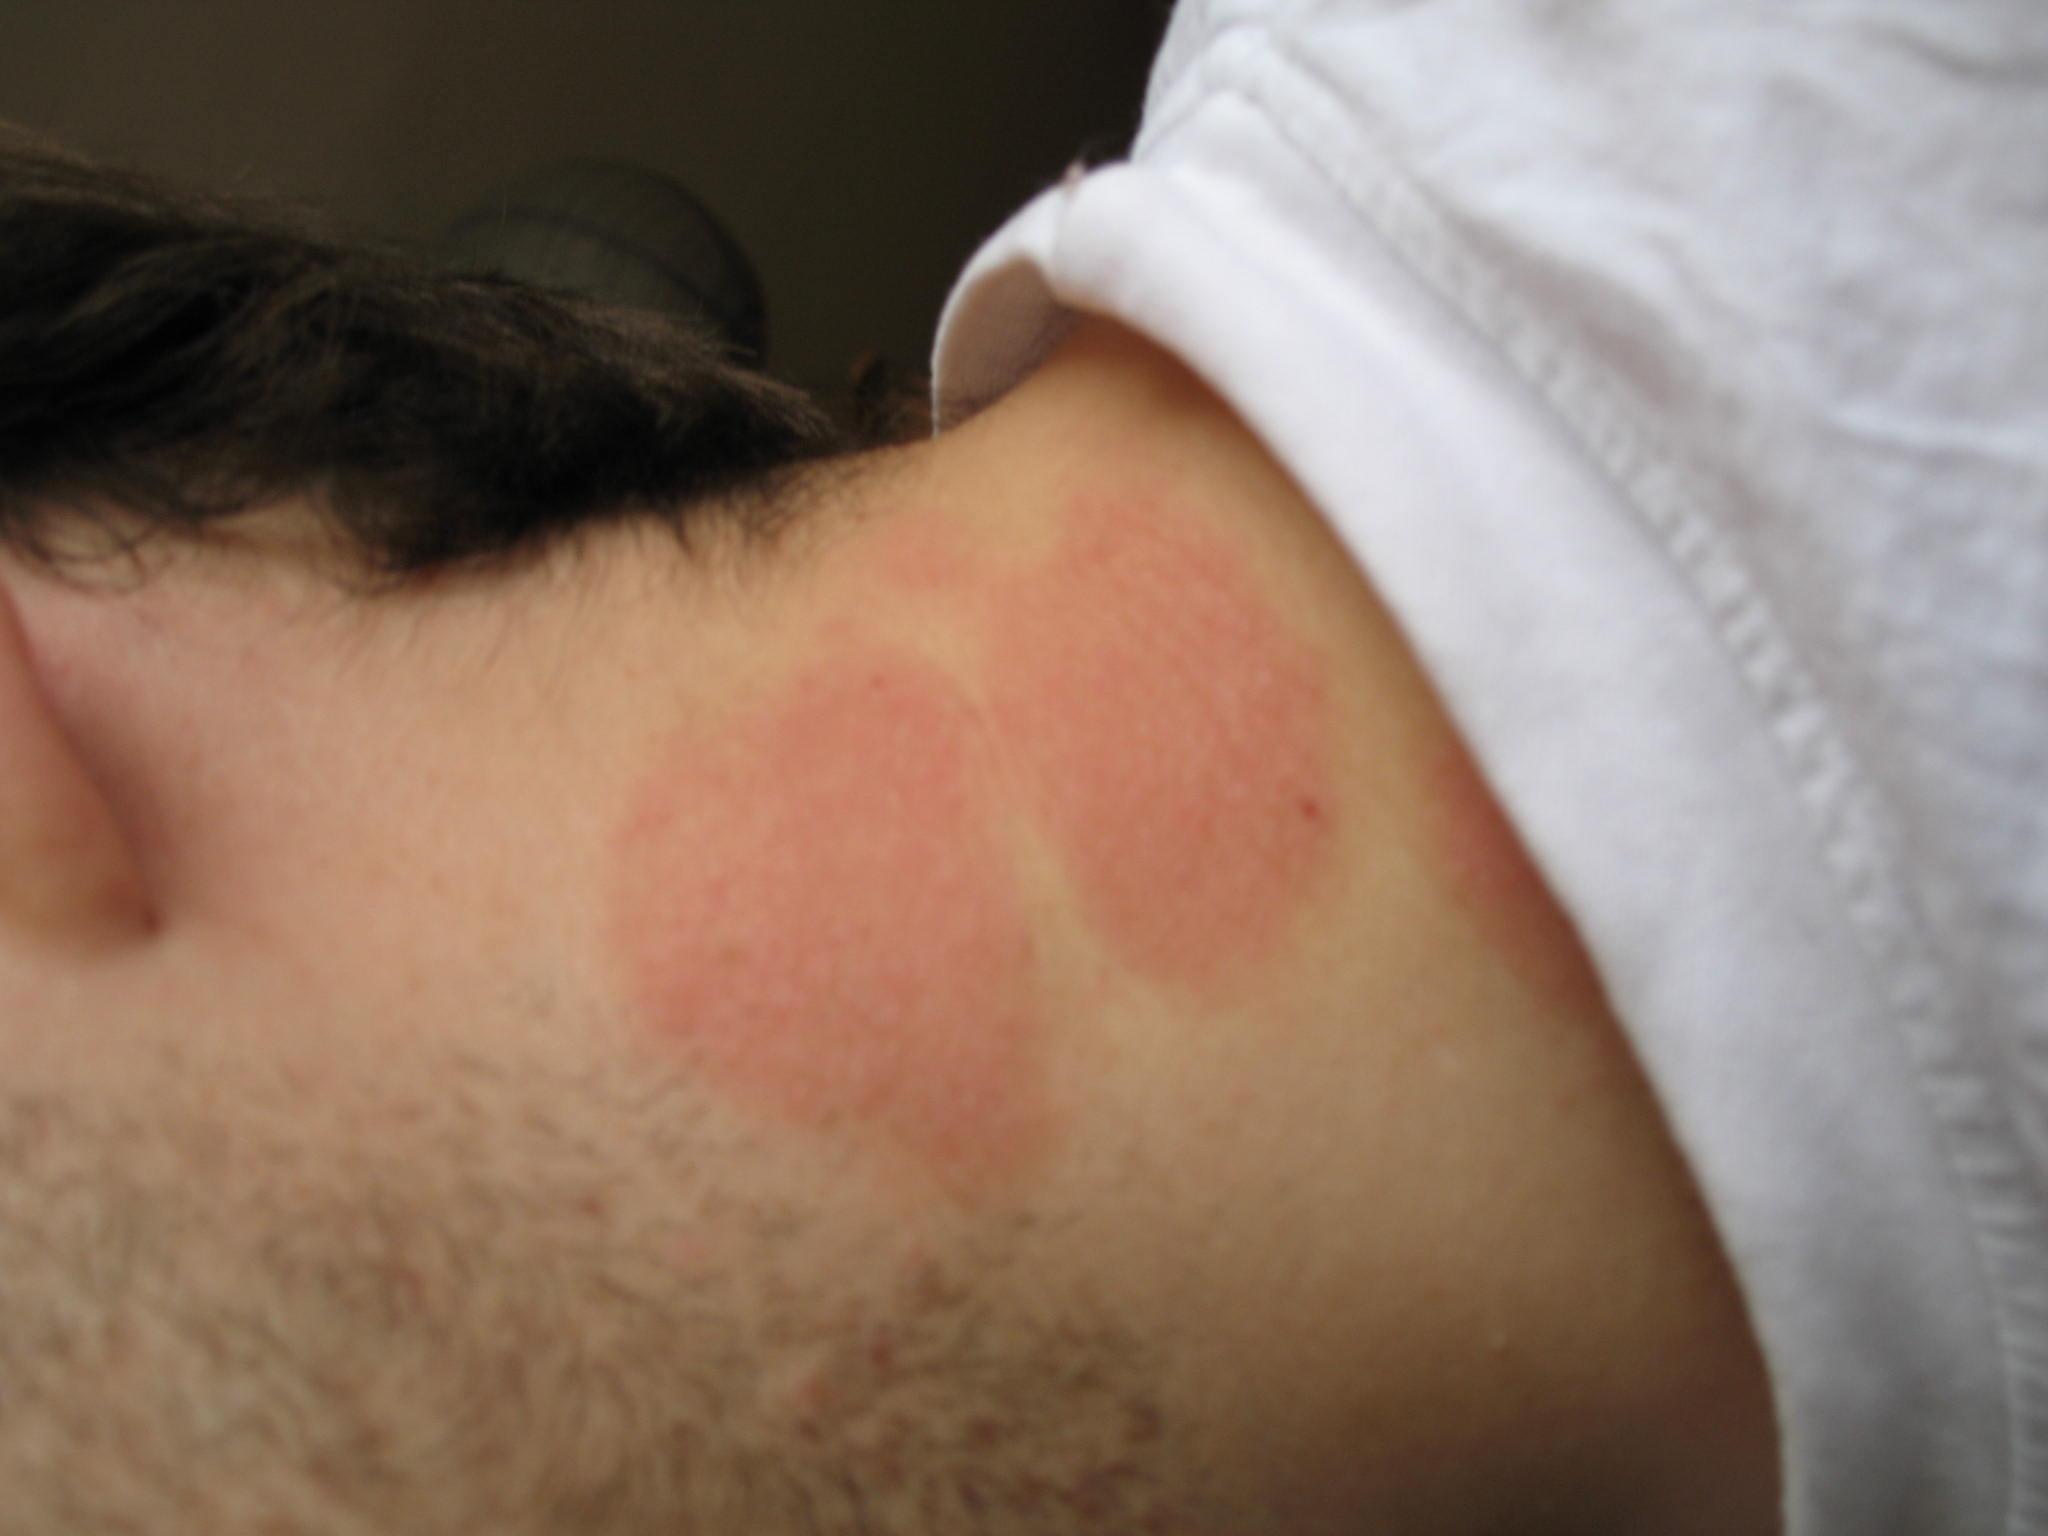 Comme éloigner la tache de pigment sur la peau